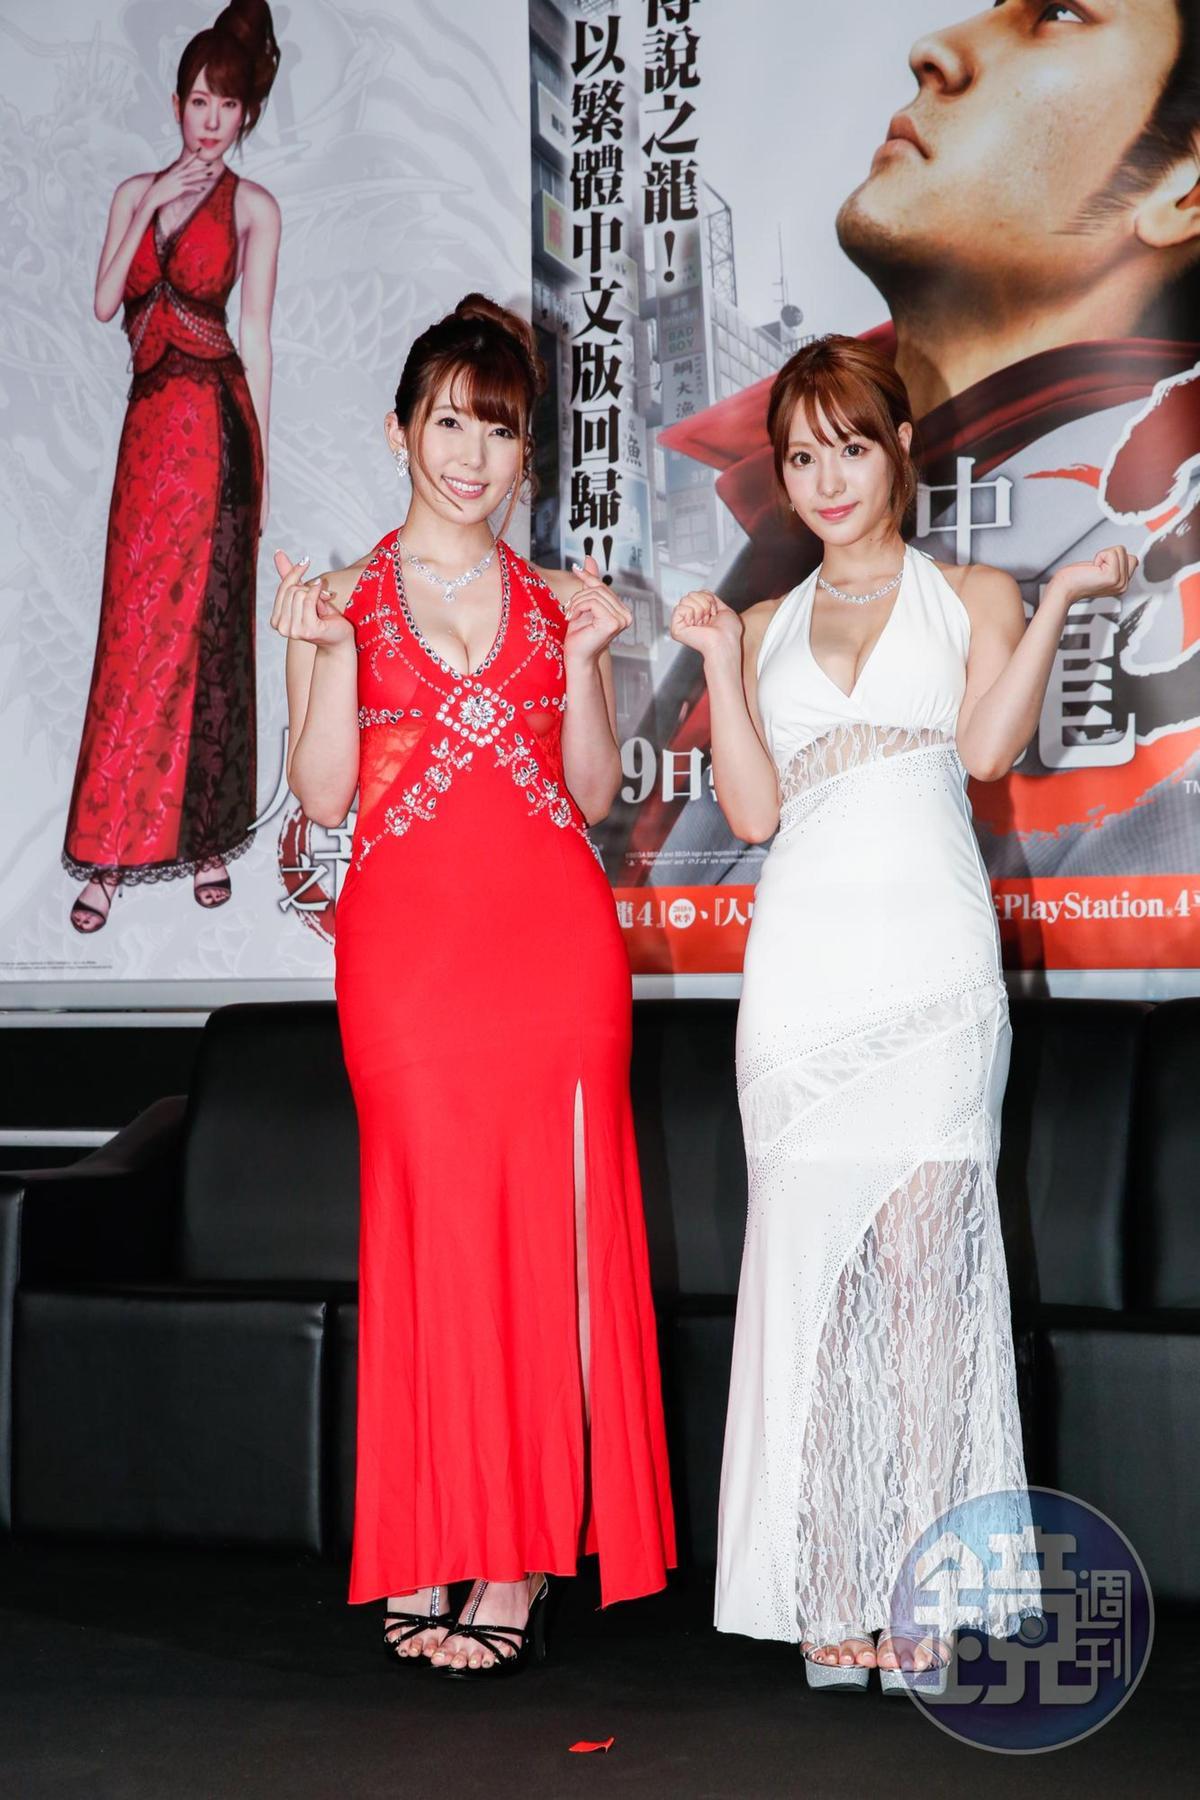 波多野結衣(左)和桃乃木香奈不約而同希望遊戲角色的上圍再多UP UP一些。